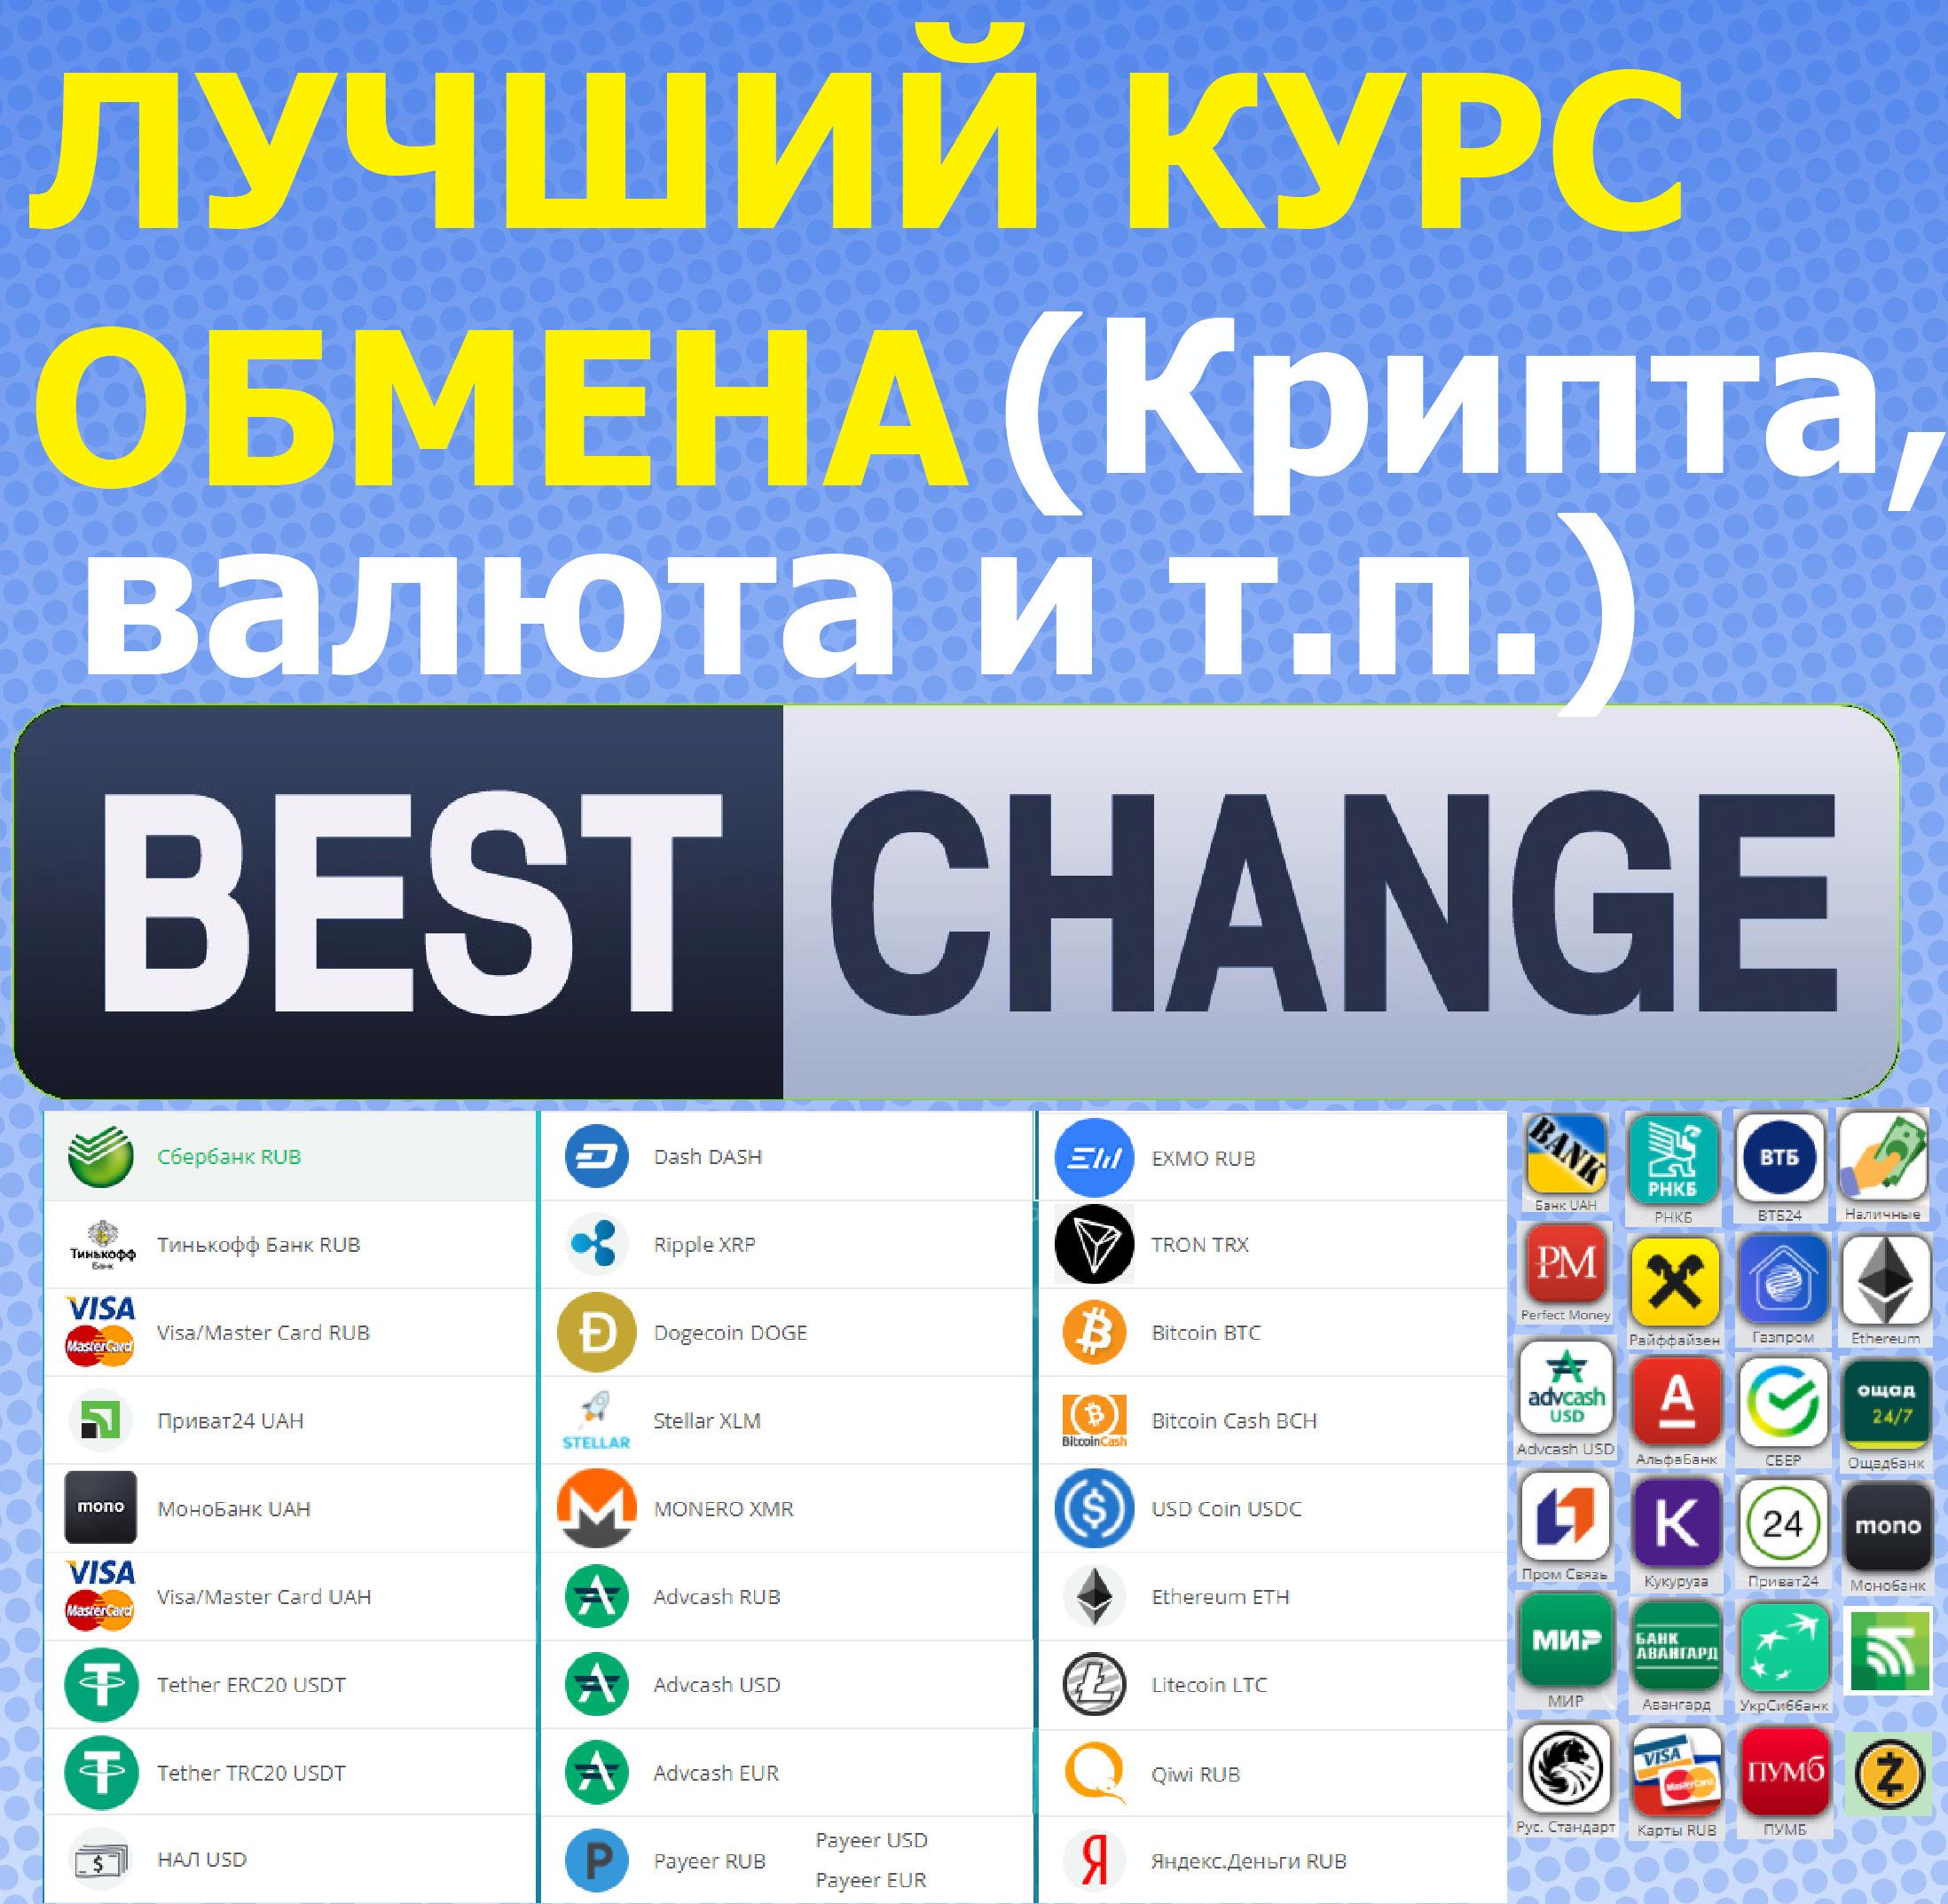 Баннер-Best-Change